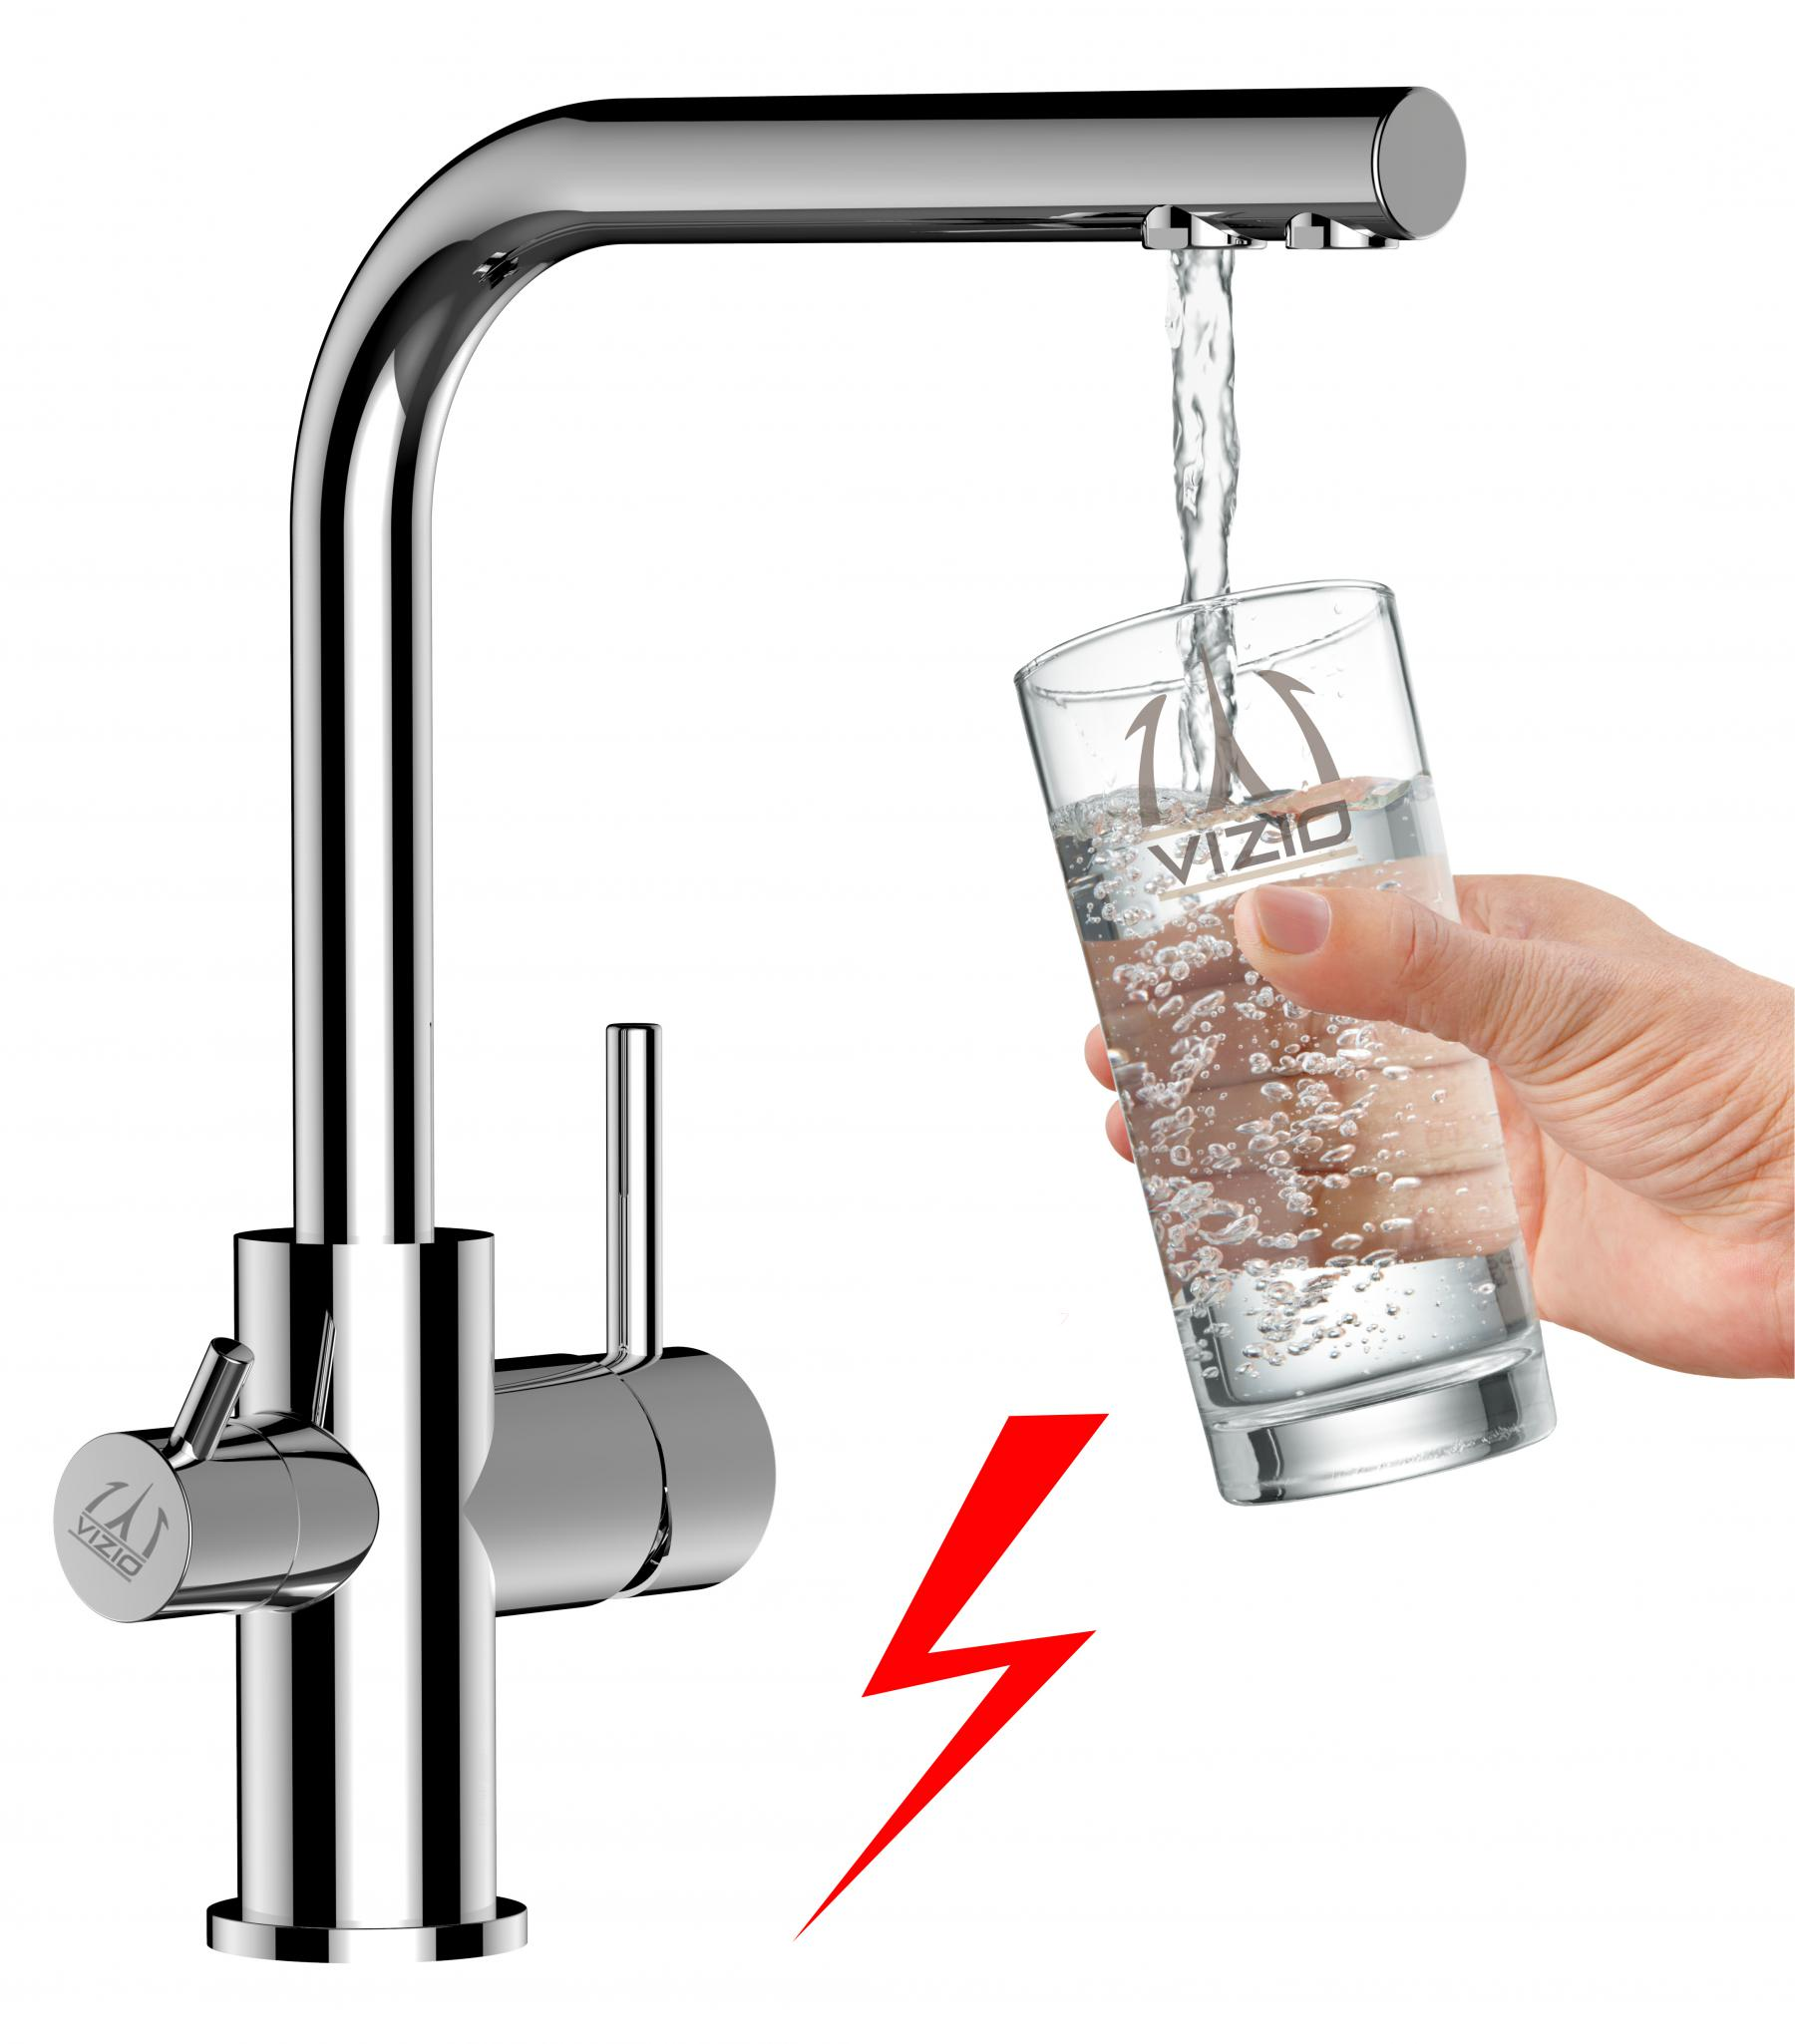 NIEDERDRUCK Küchenarmatur Umkehr Osmose, Filter, Trinkwasser,  Trinkwasserfilter, 19 wege Küchenmischer, Spültischarmatur, Spülenmischer,  Wasserhahn